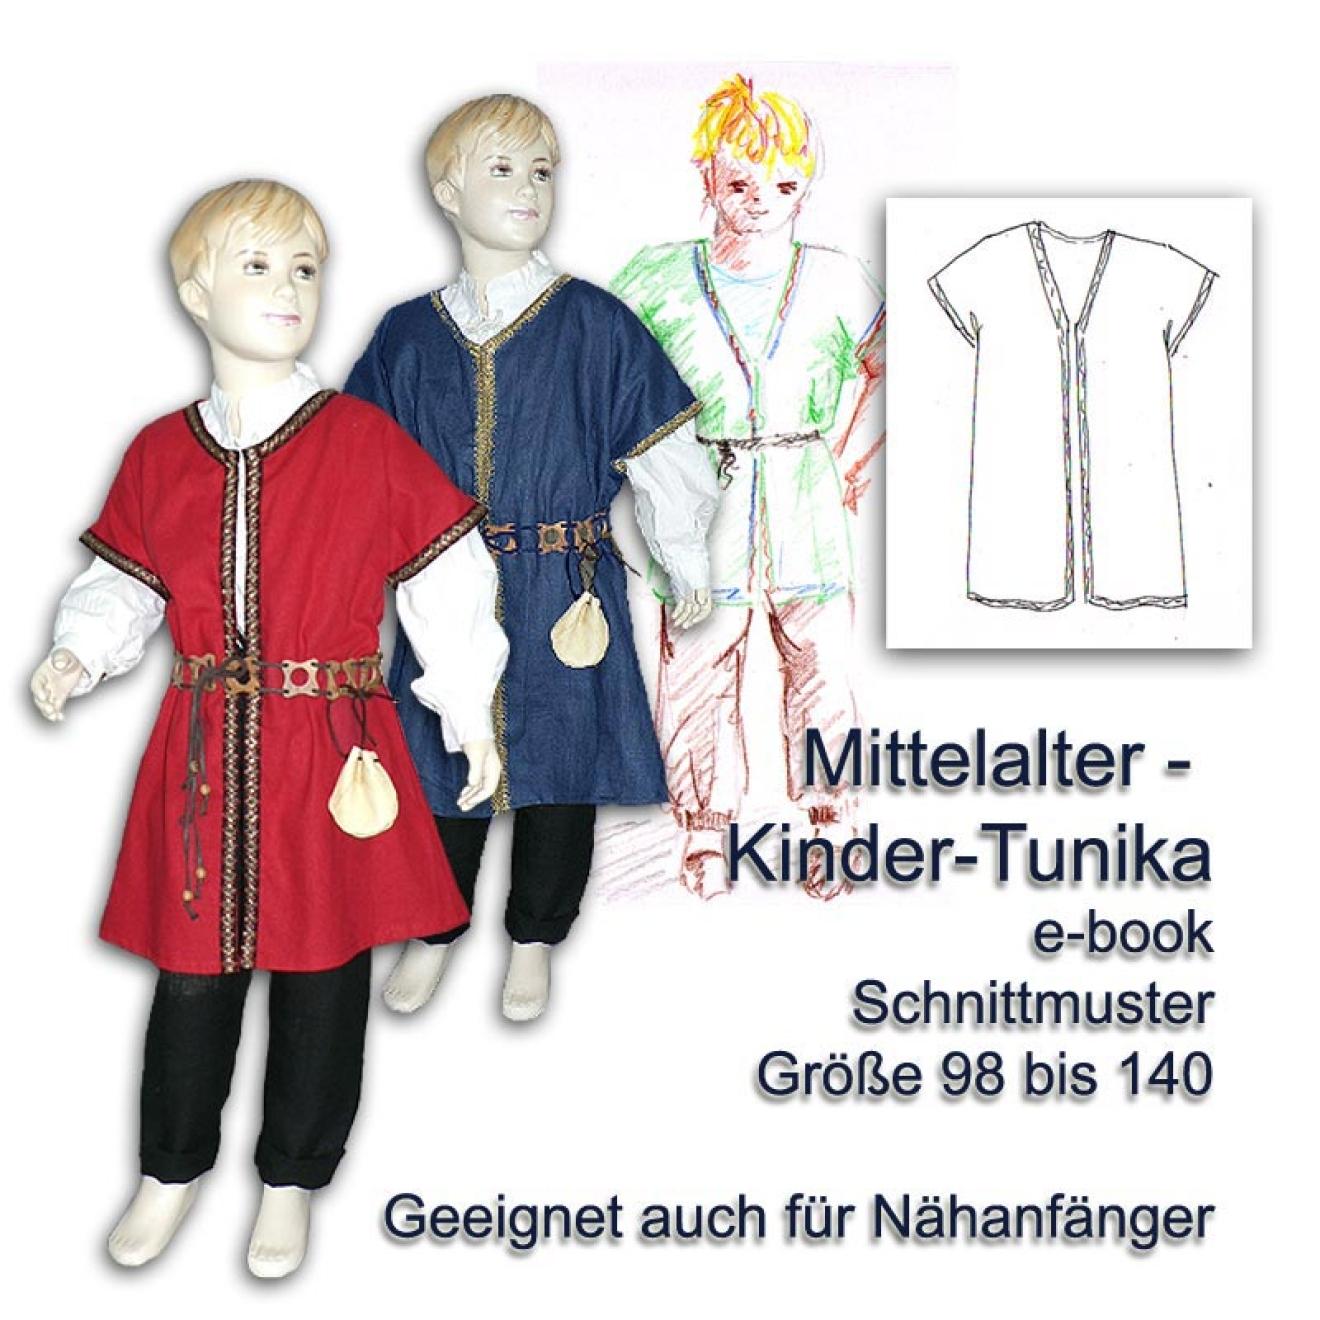 Schnittmuster für Mittelalter-Tunika für Kinder